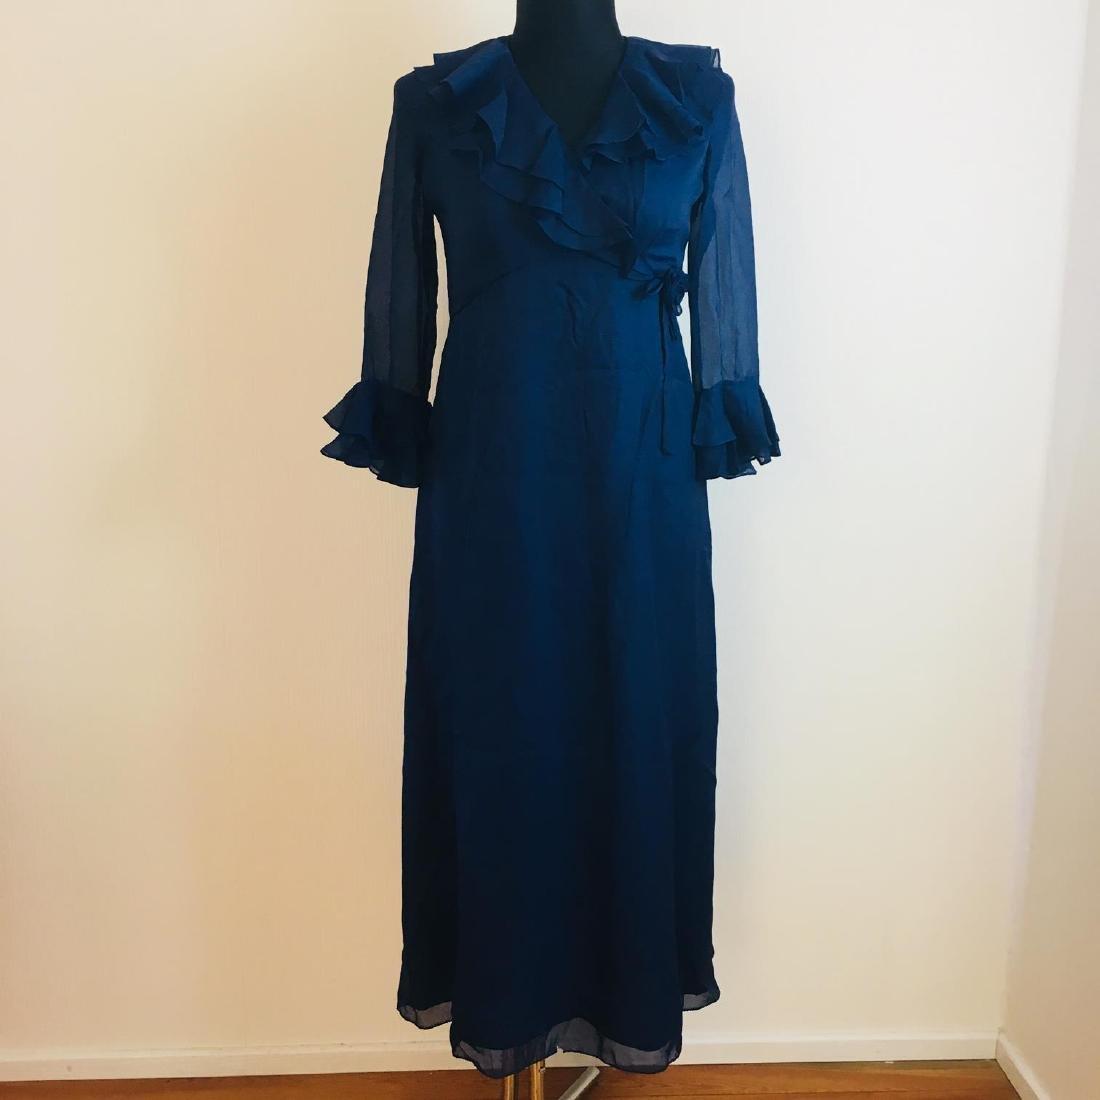 Vintage Women's Evening Dress Size EUR 14 US 44